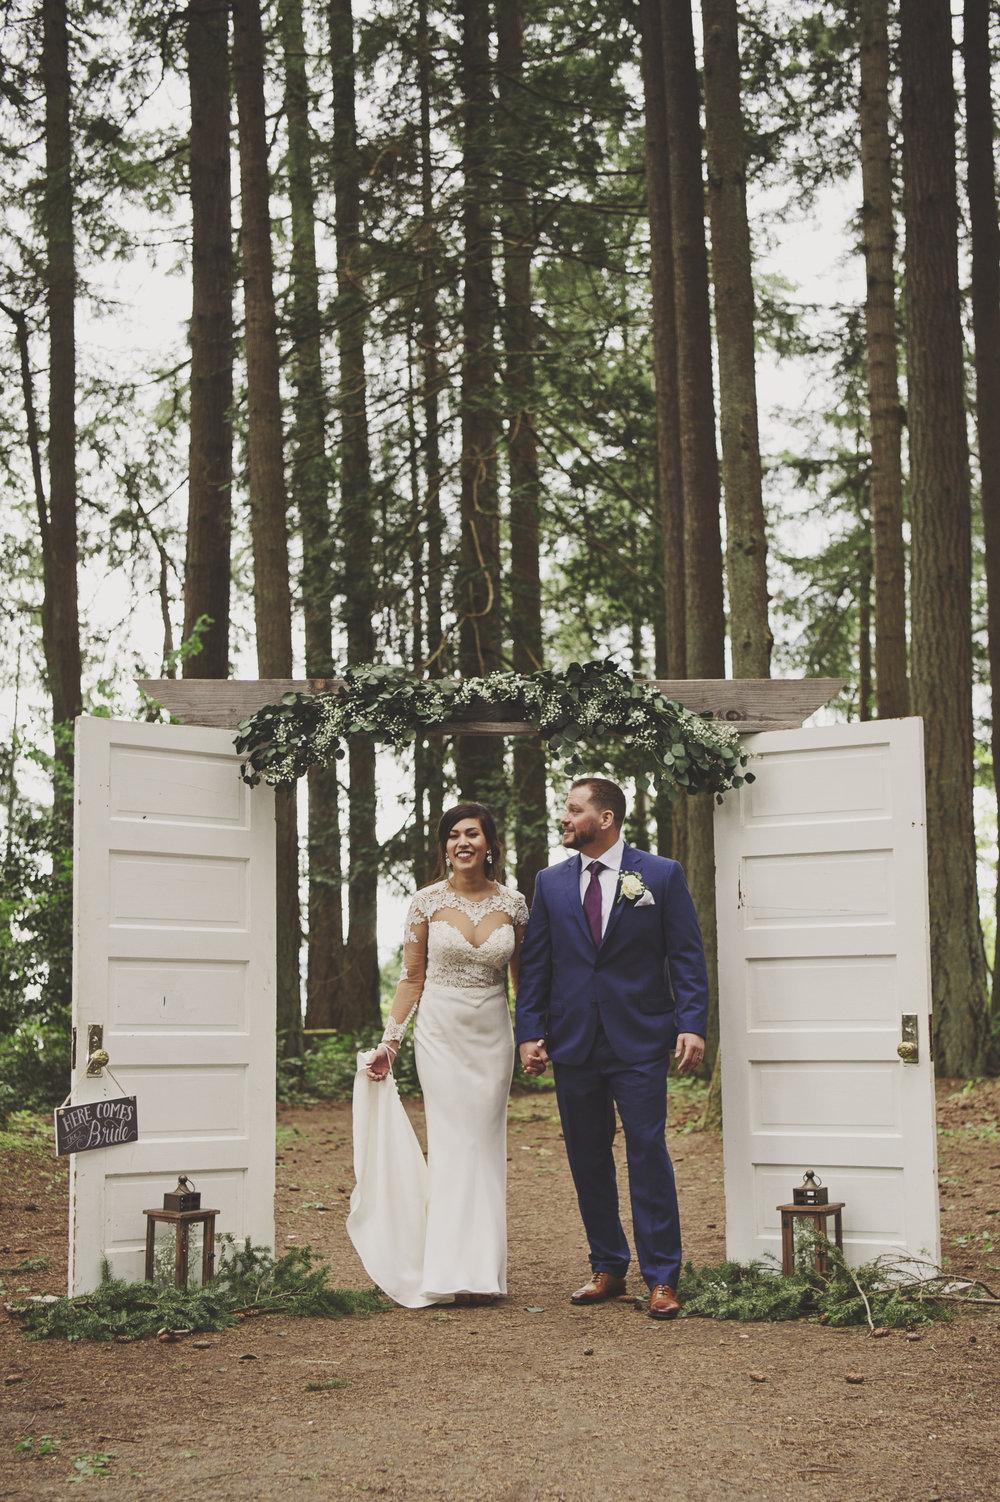 Kim La Plante + Nick Samet_Poulsbo Wedding_Kitsap Memorial Park Wedding_Kelsey Lane Photography-9687 copy.jpg